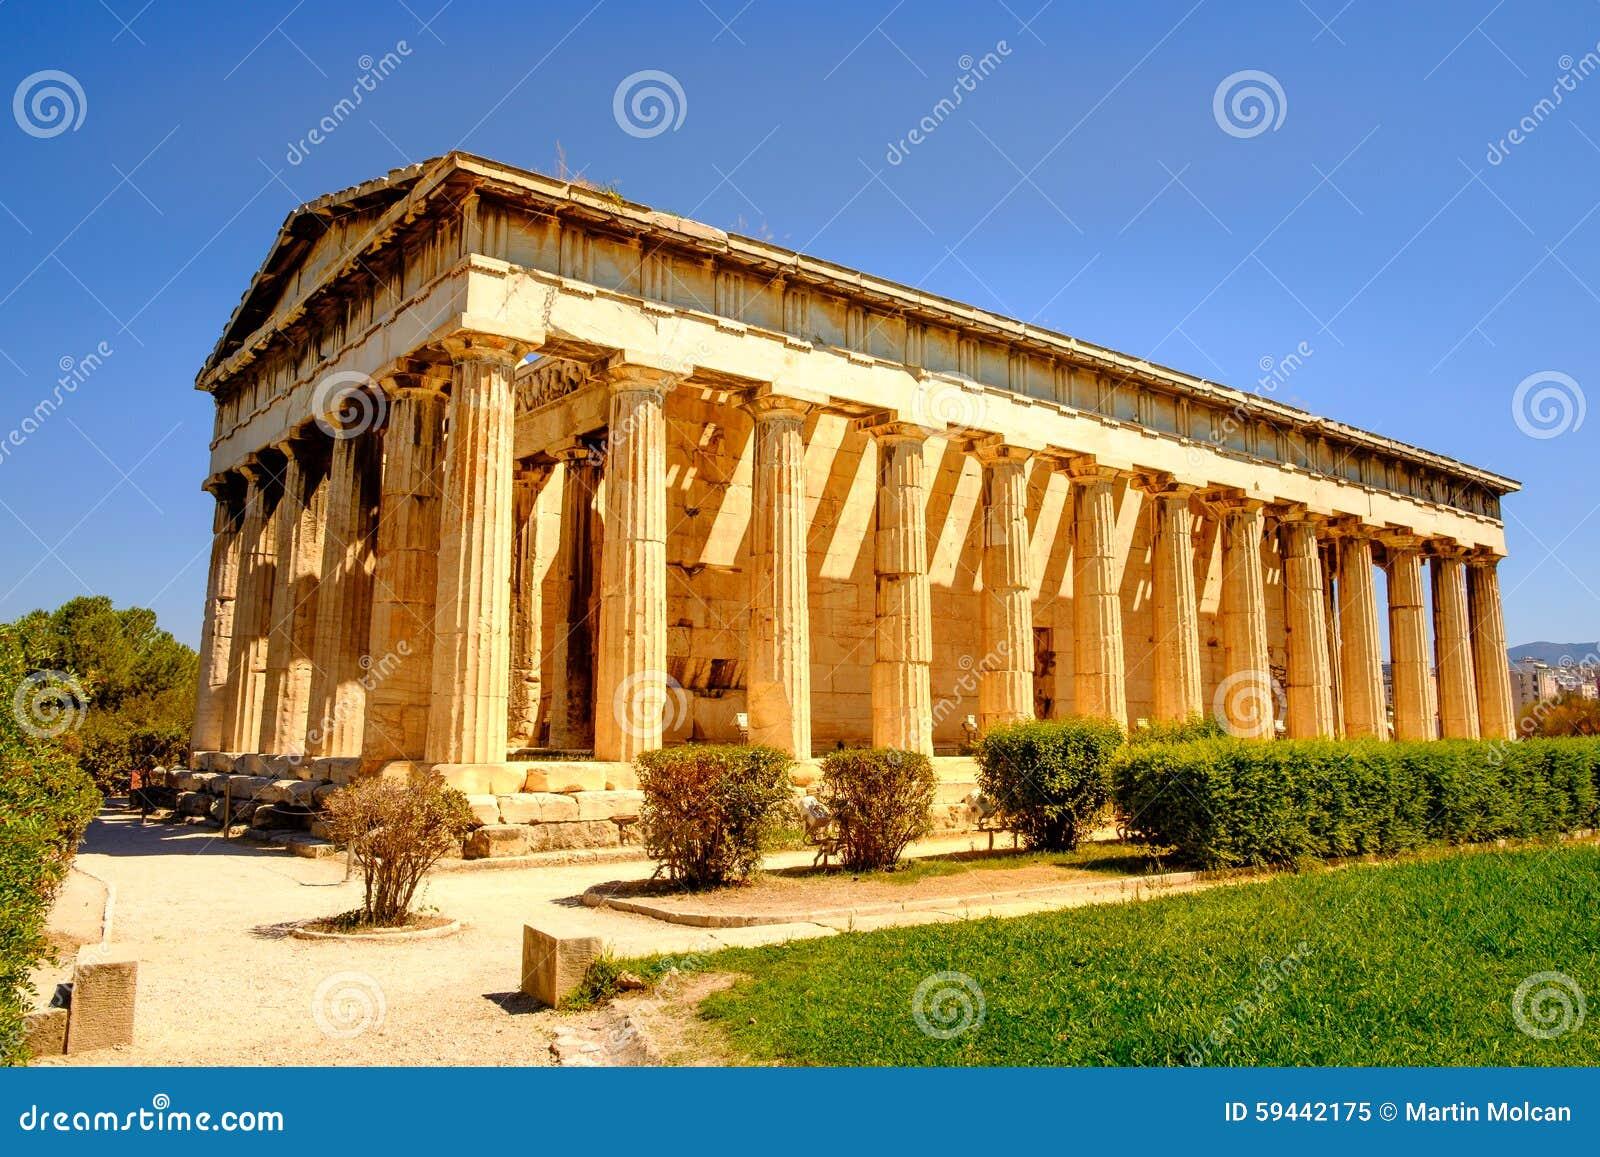 Φυσική άποψη του ναού Hephaestus στην αρχαία αγορά, Αθήνα